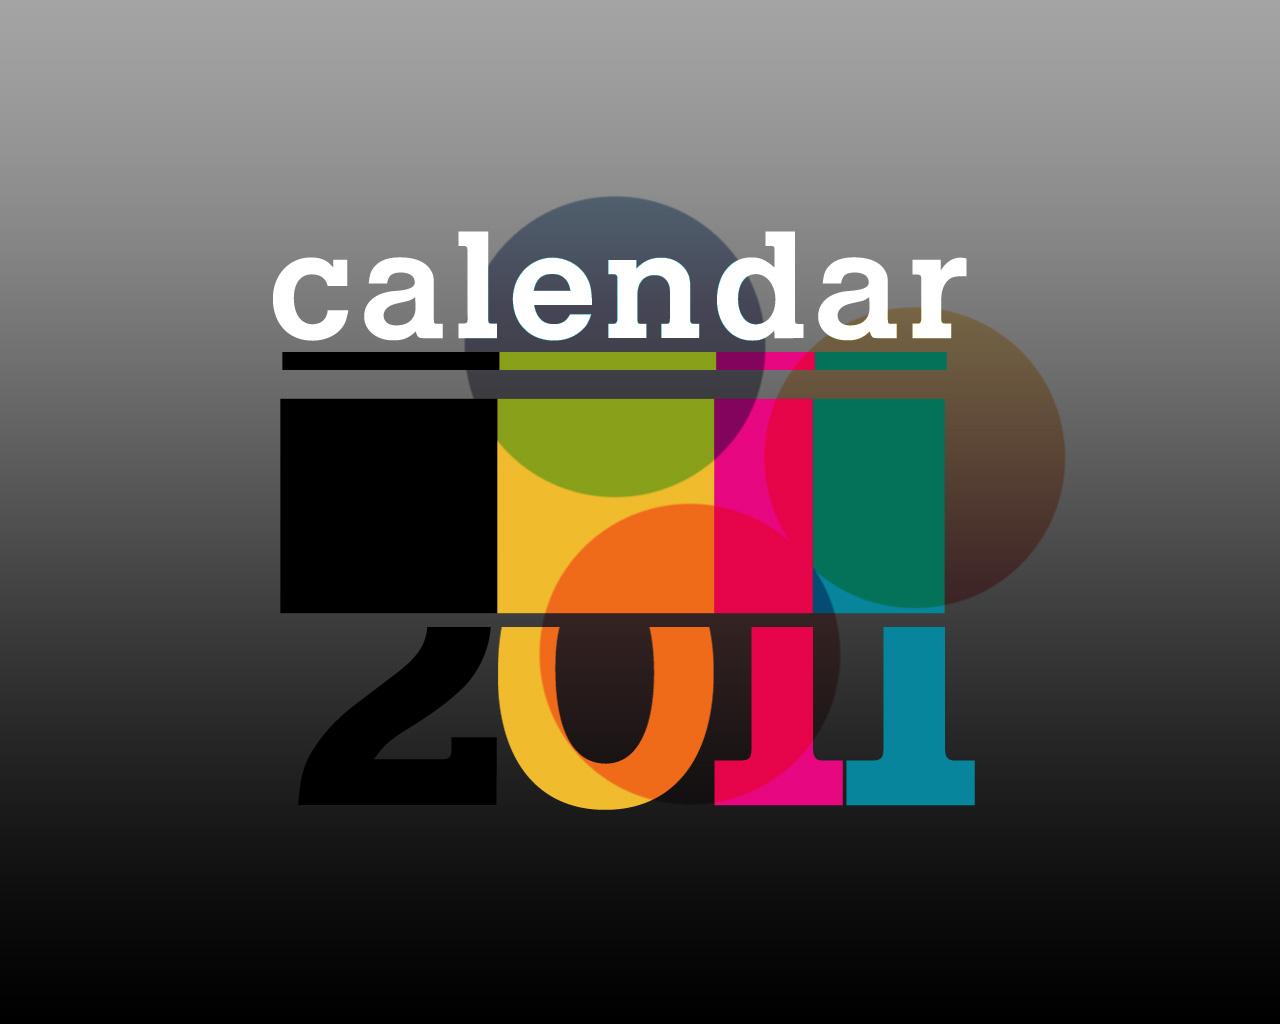 Calendar Cover Design Ideas : Calendar cover design